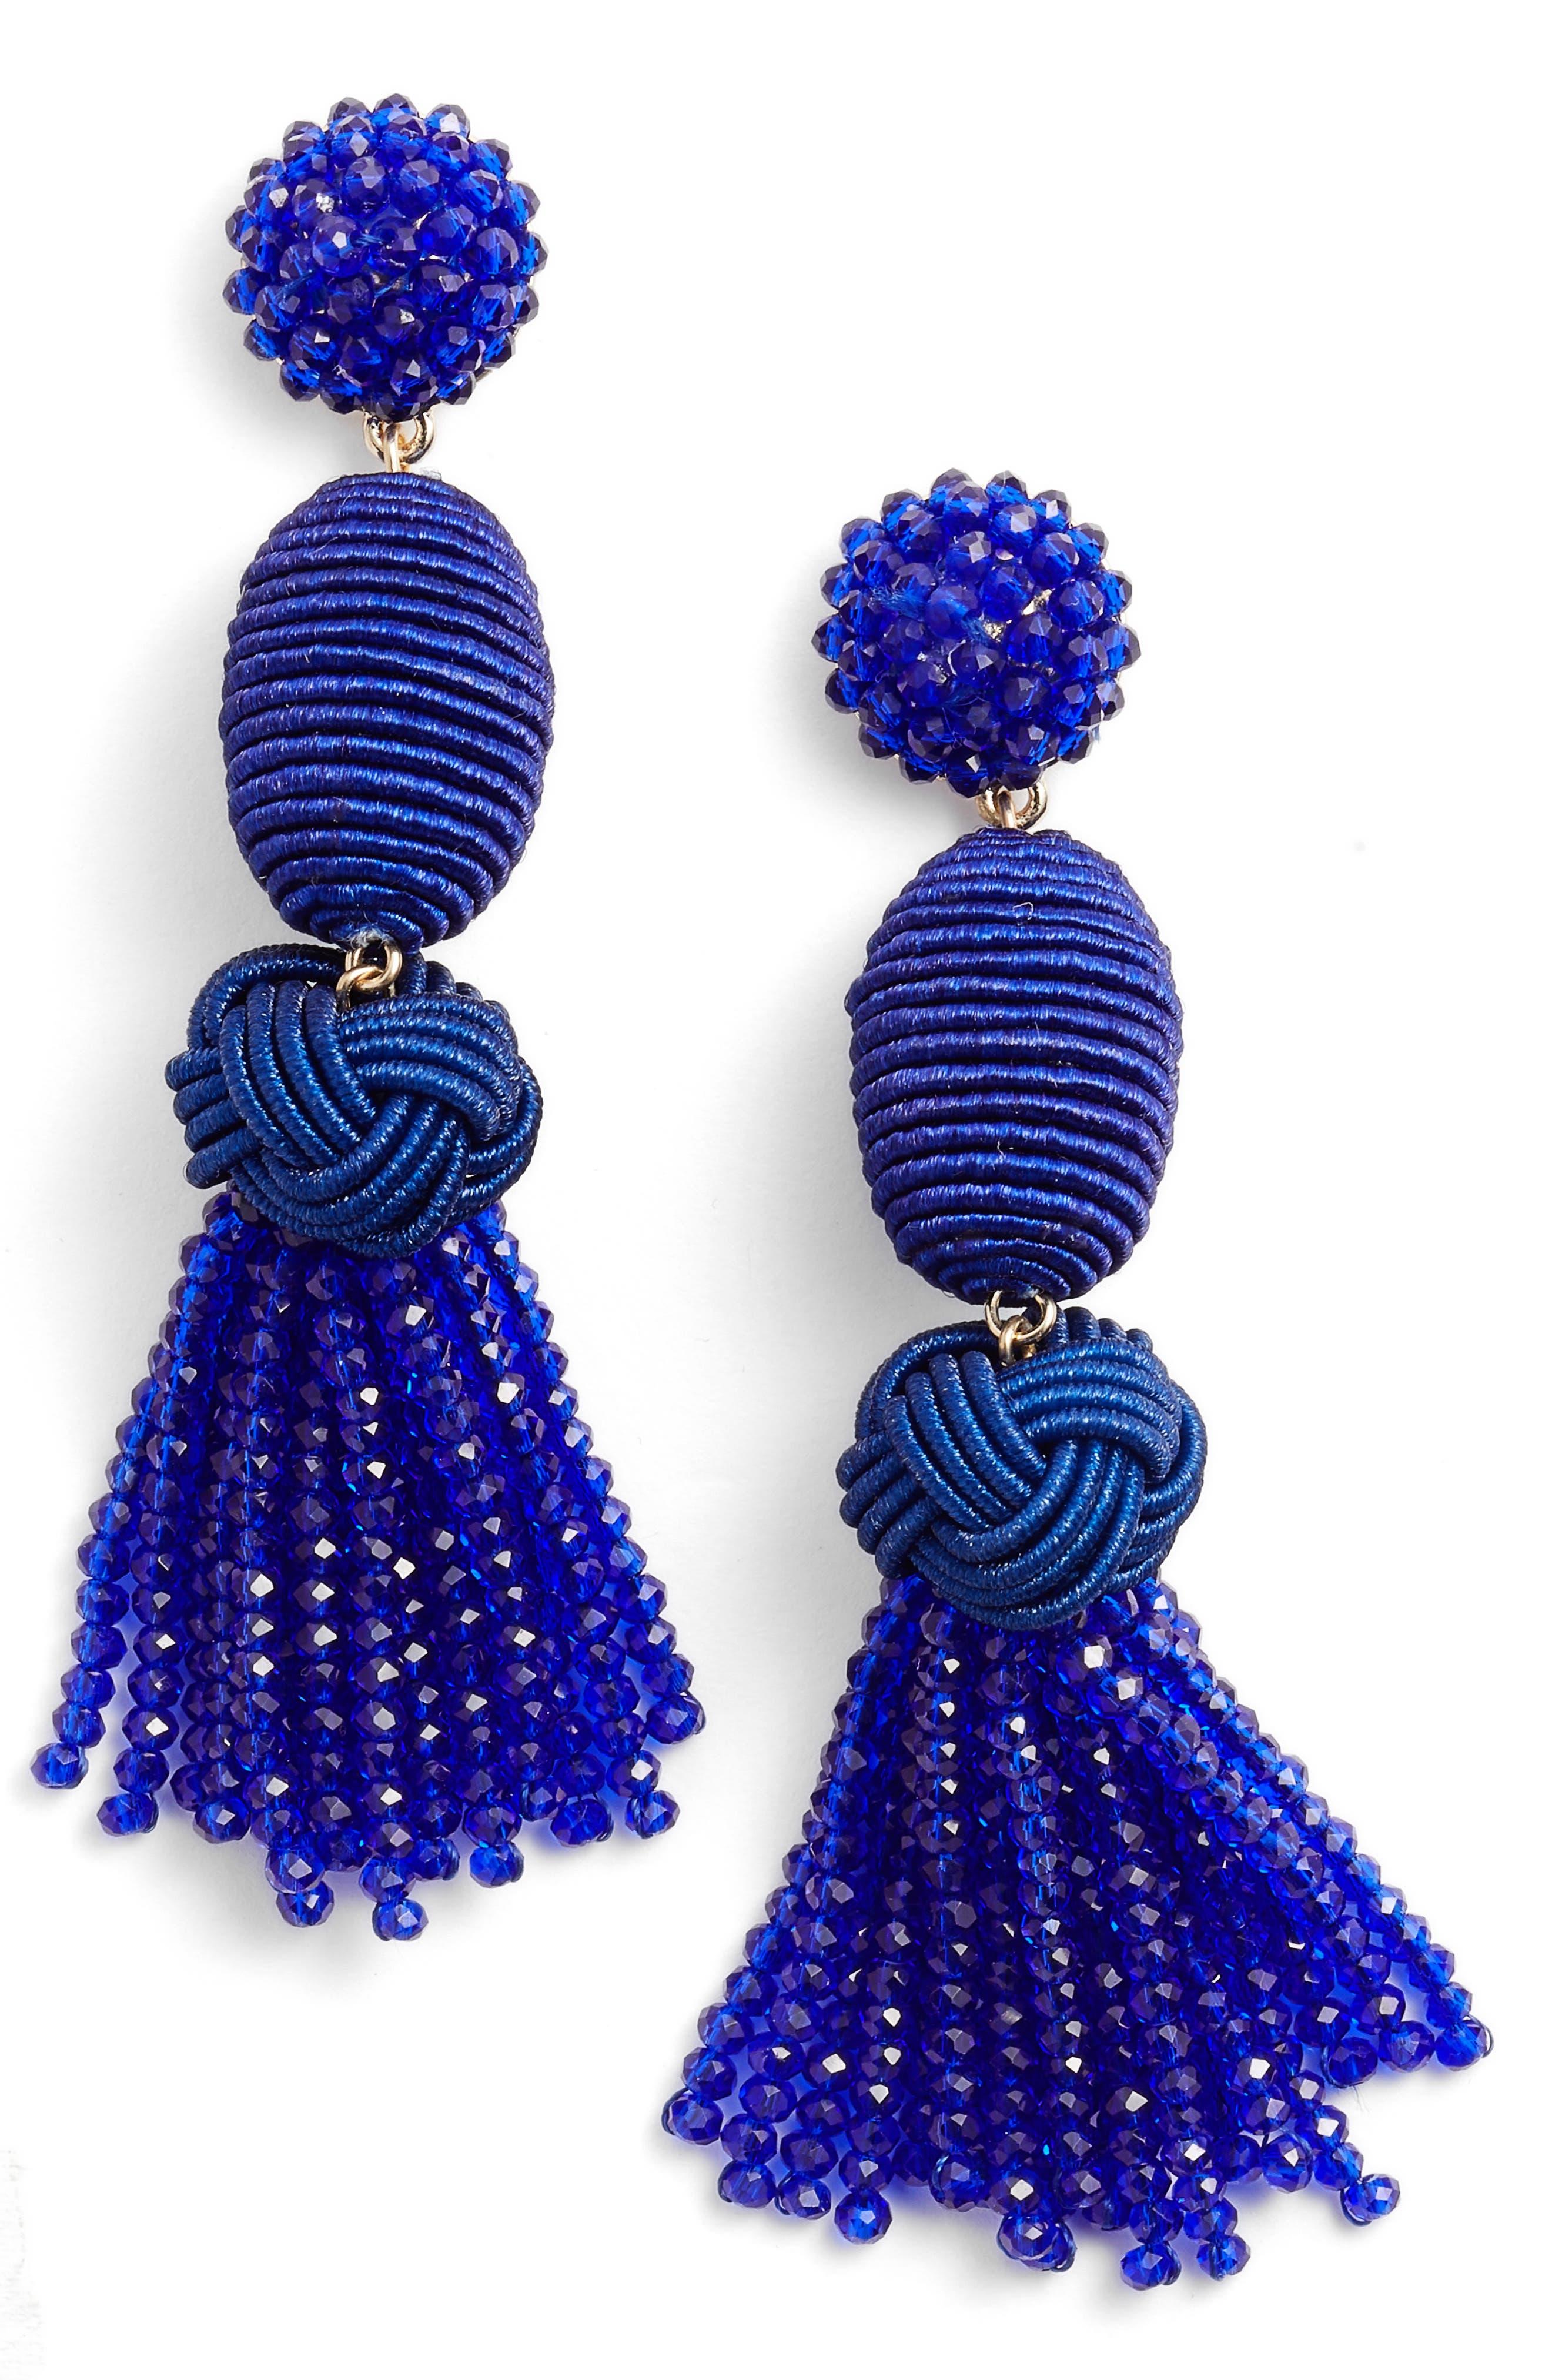 Amina Drop Earrings,                             Main thumbnail 1, color,                             Bright Blue